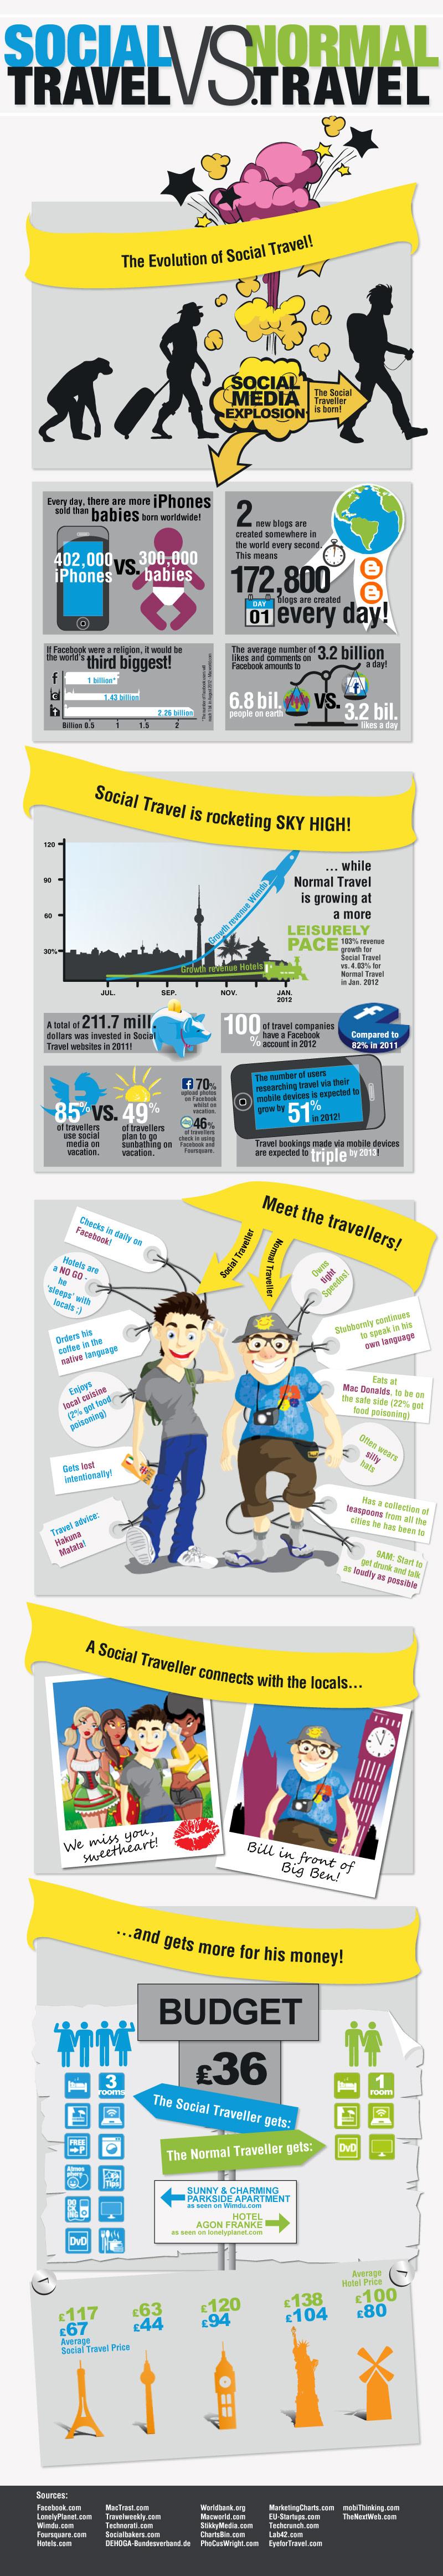 Viajero Social vs viajero tradicional